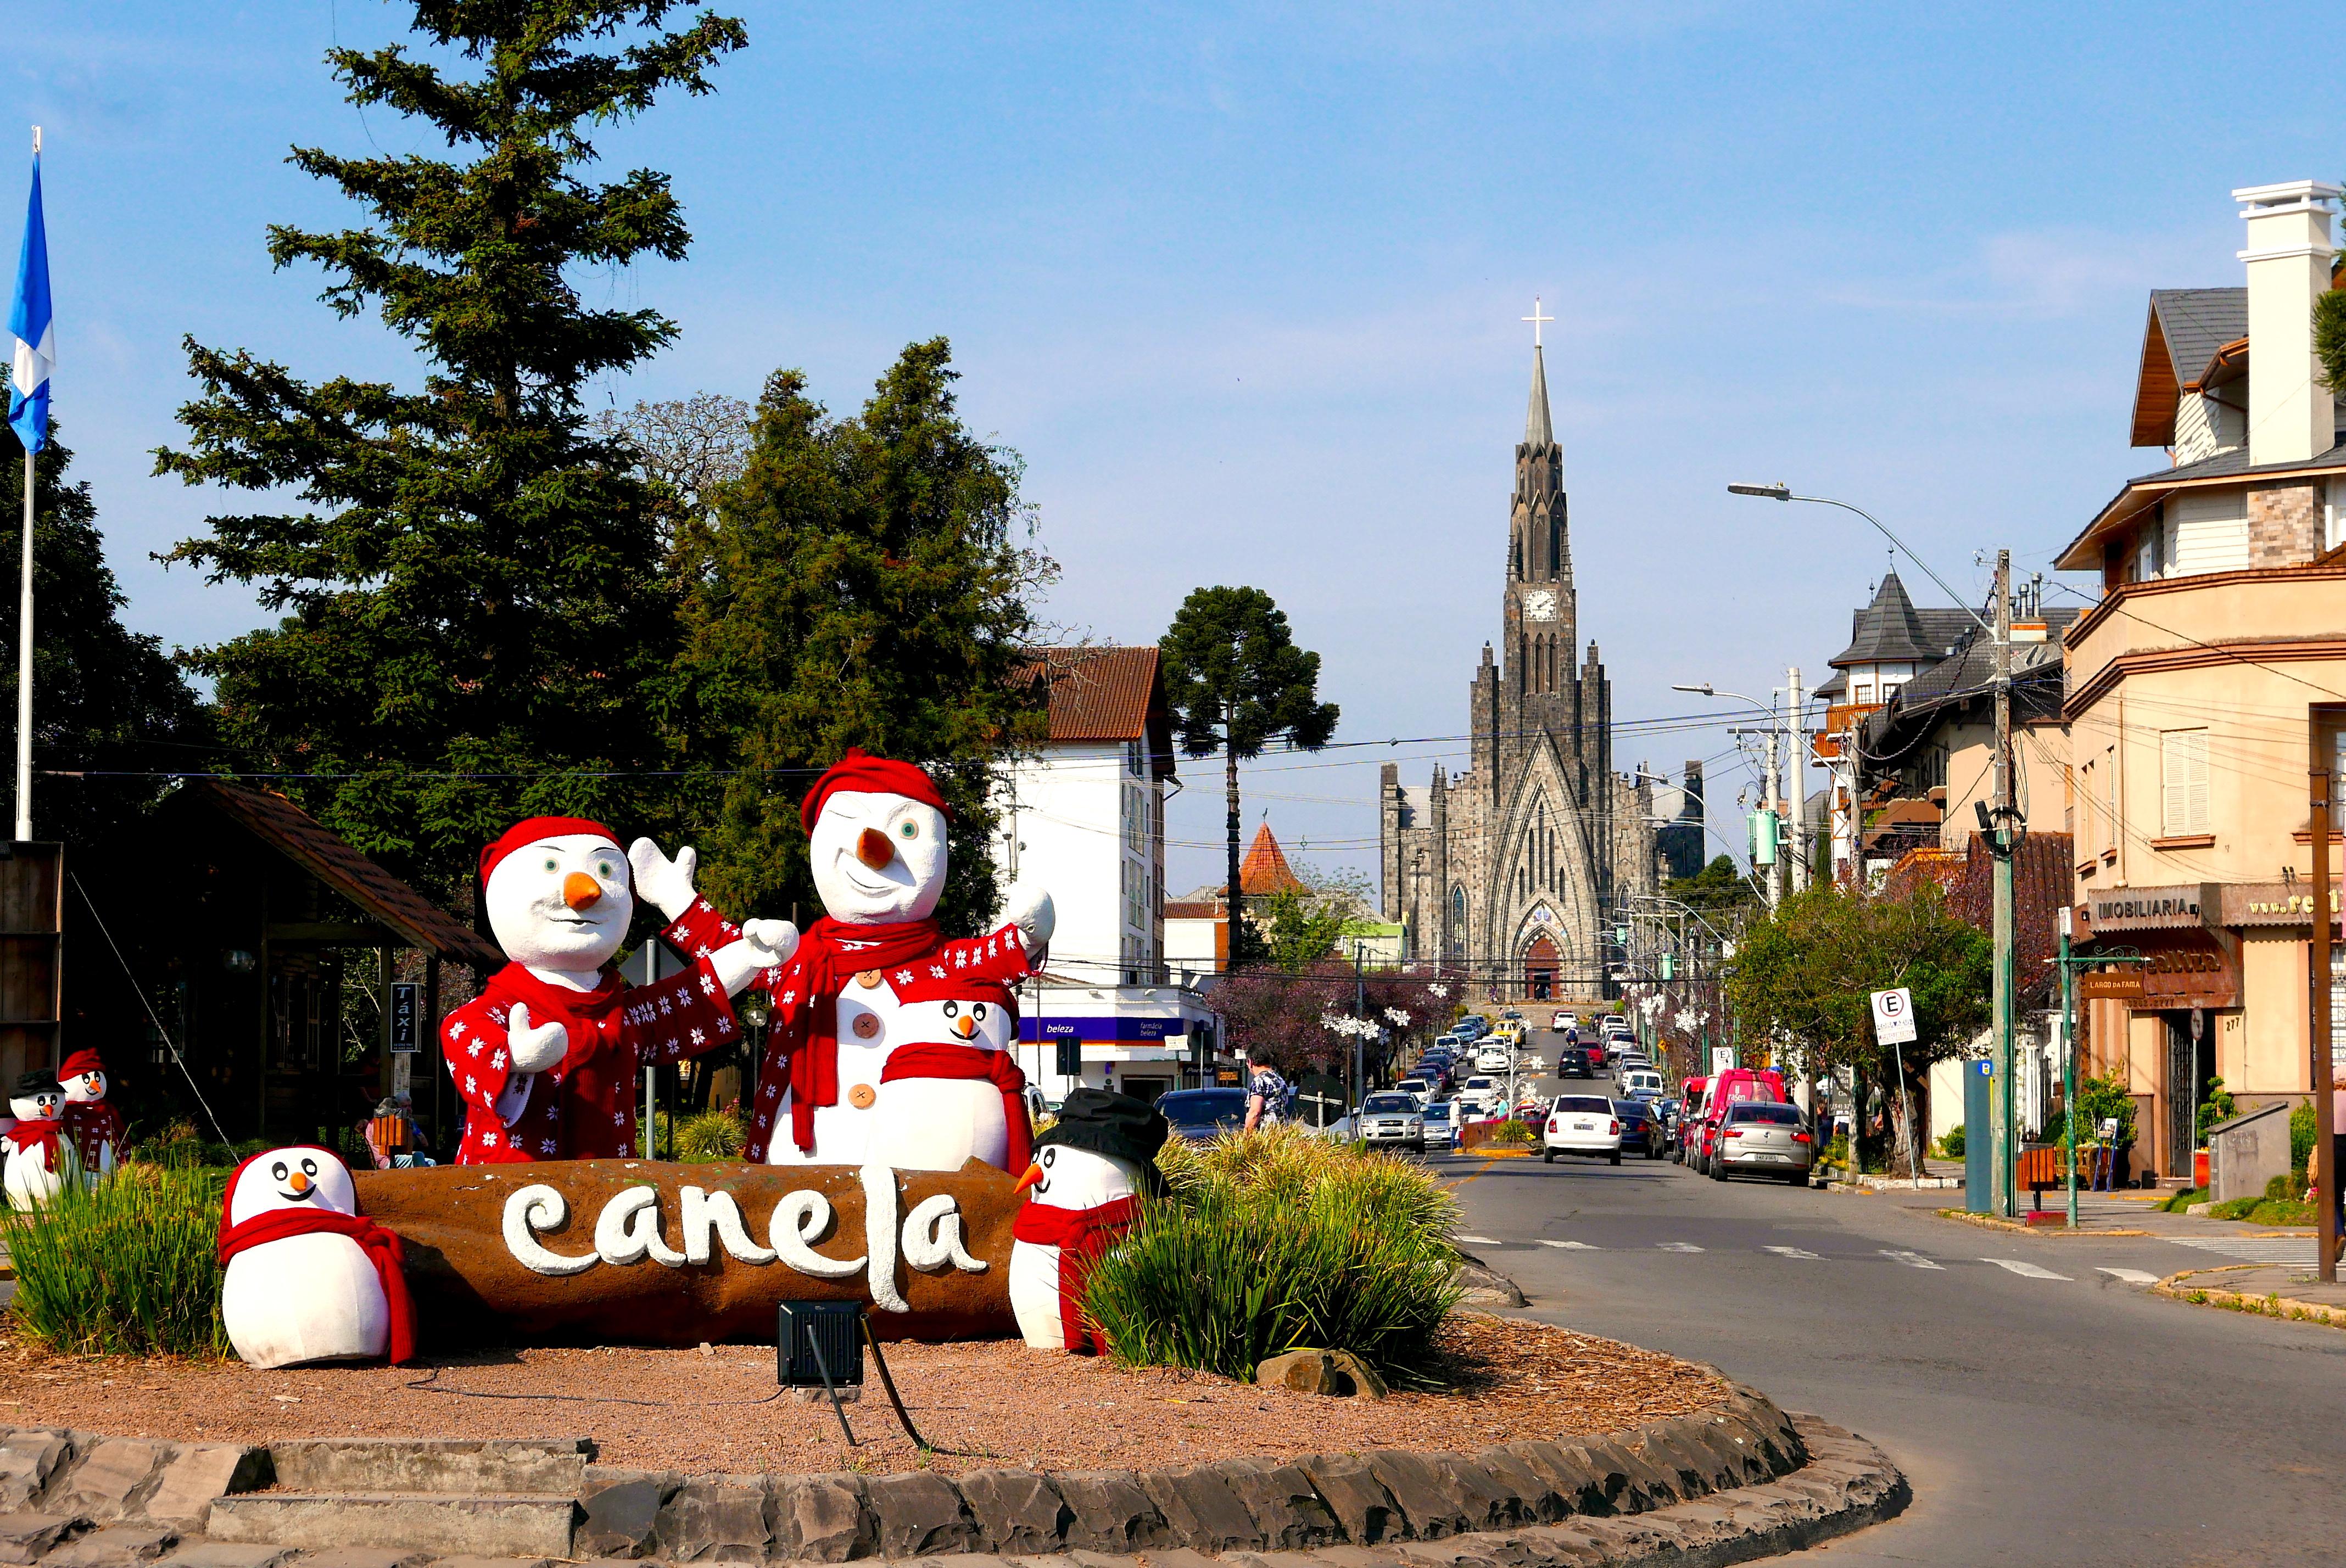 Hospitalidade é a palavra chave em Canela, sempre preparada para receber com carinho turistas + visitantes (Claudia Tonaco)